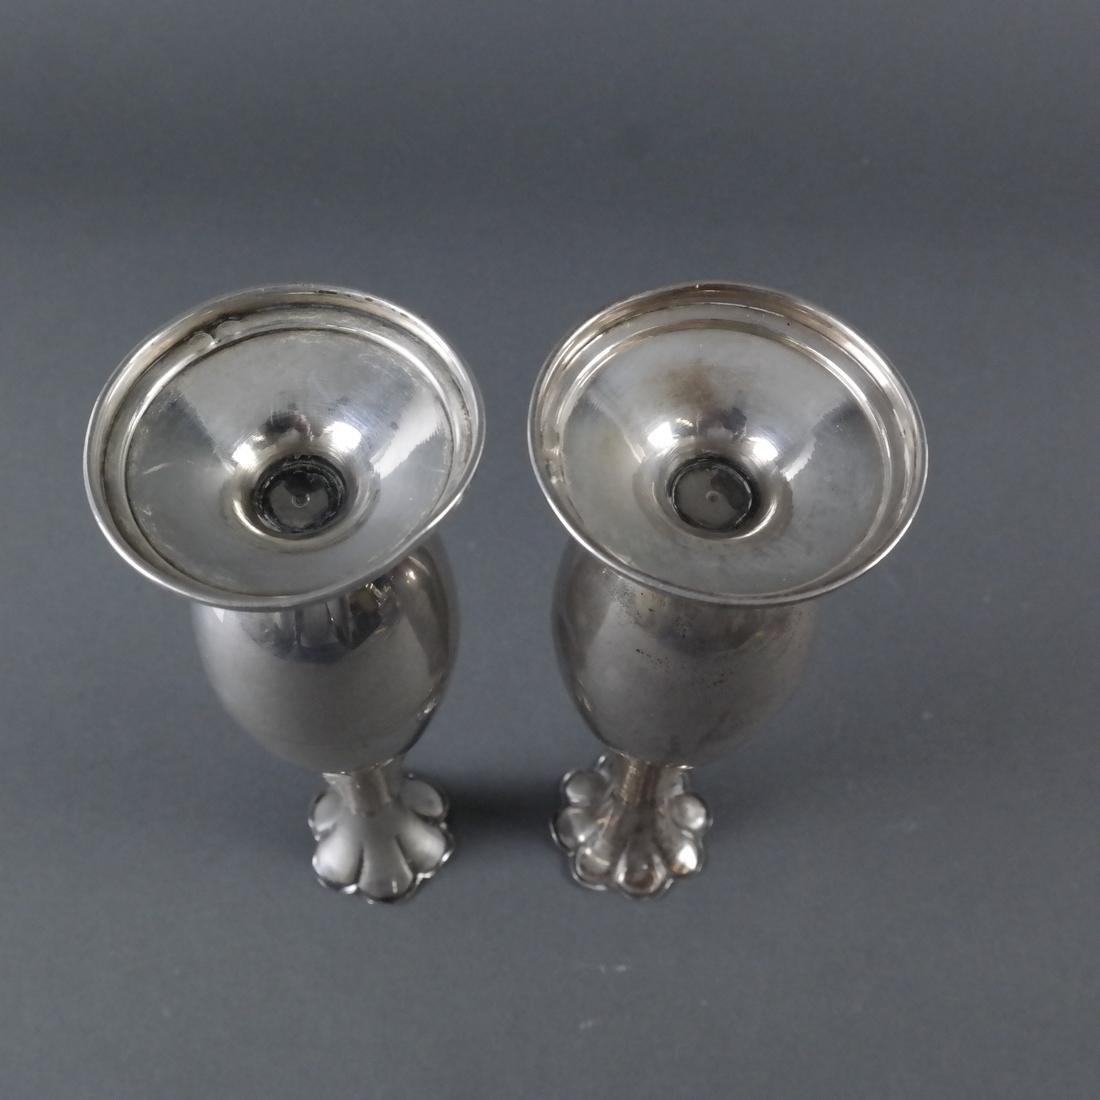 Pair .900 Standard Silver Bud Vases - 6